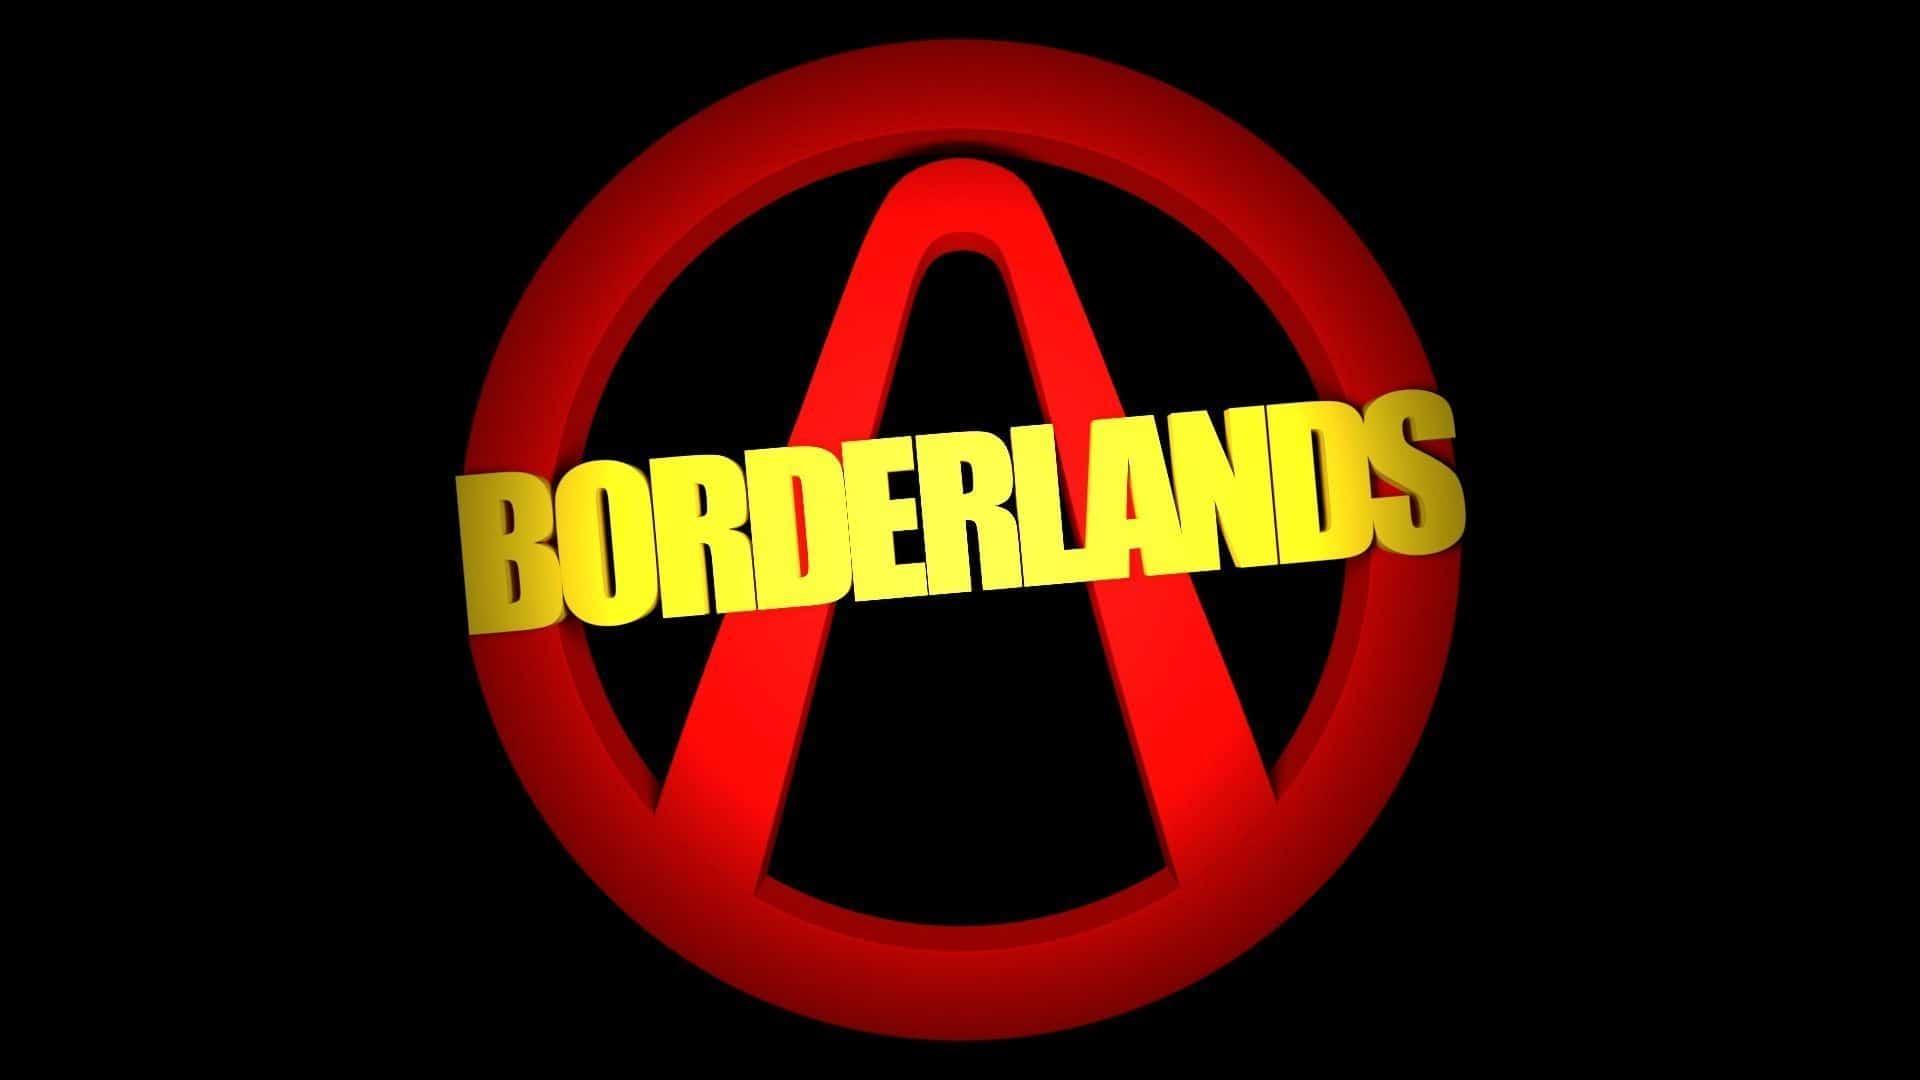 Borderlands : Eli Roth sera le réalisateur de l'adaptation cinématographique